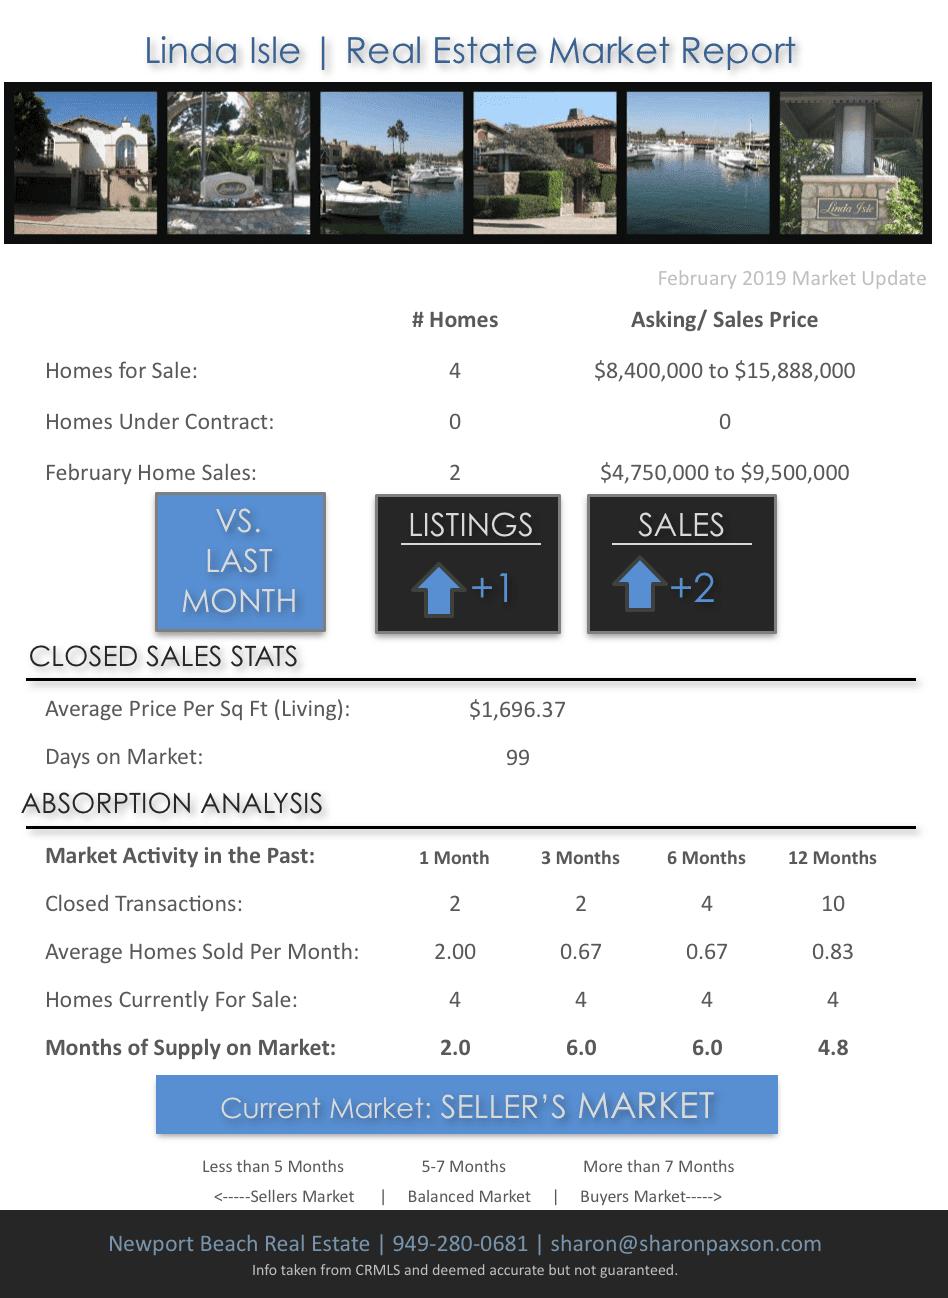 Real Estate Market on Linda Isle in Newport Beach CA February 2019